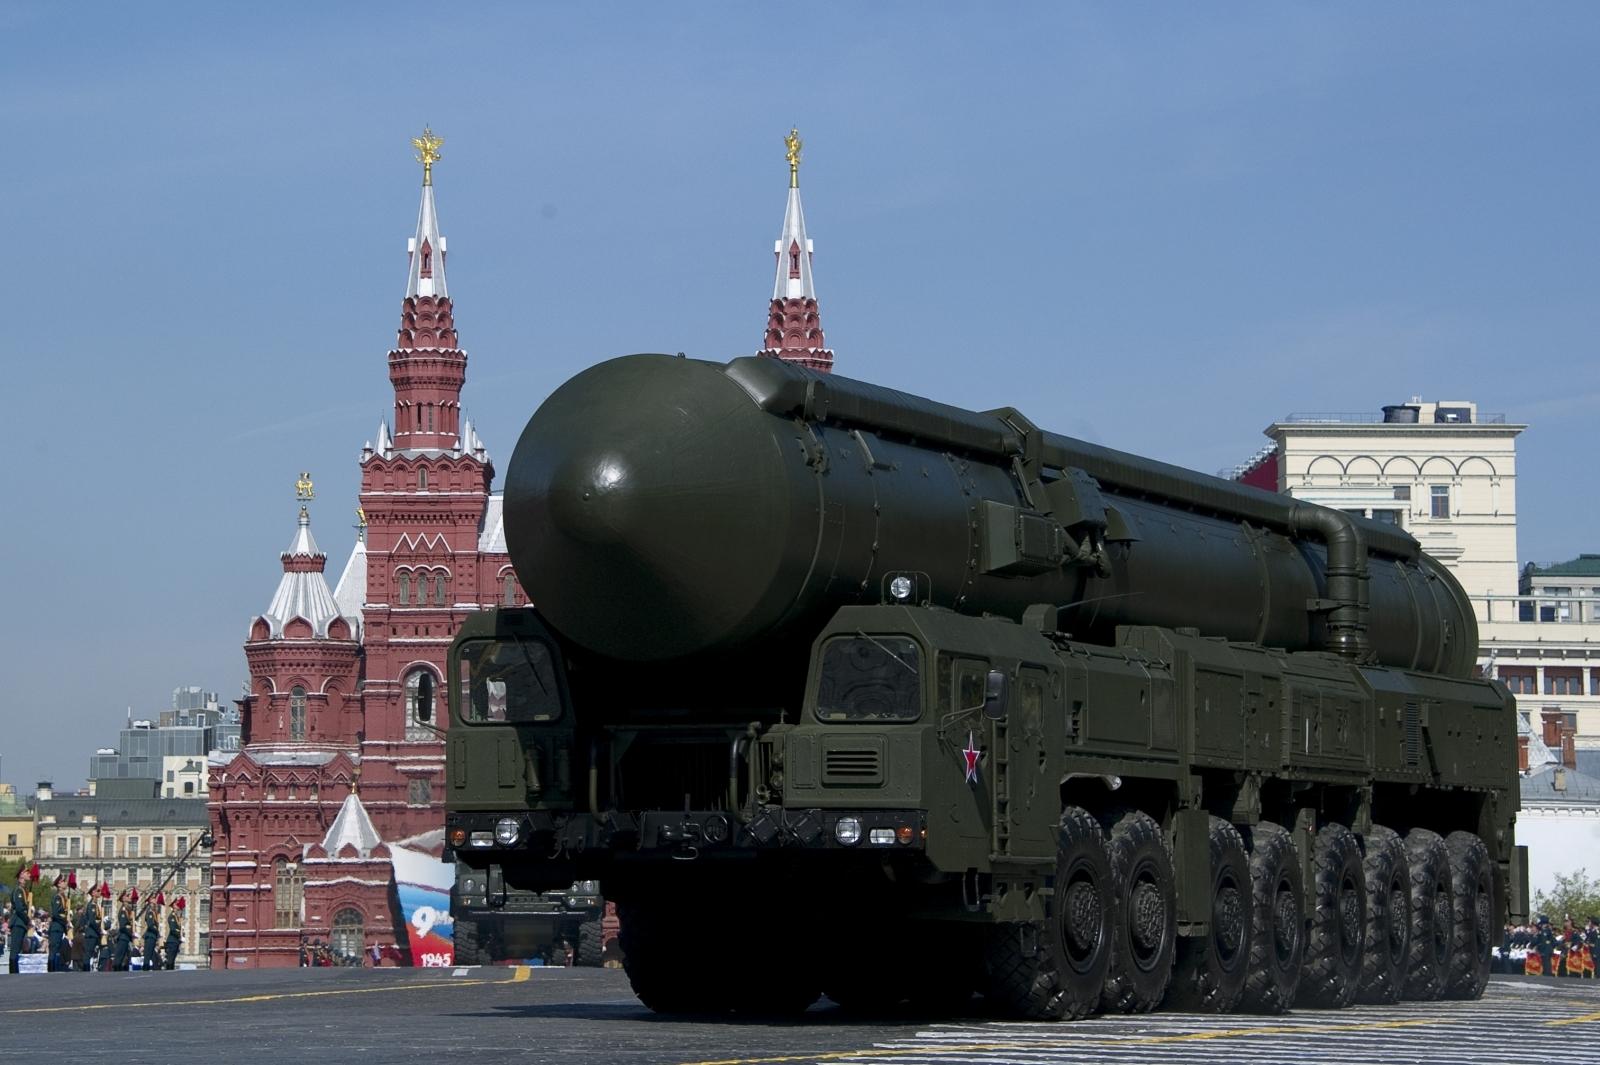 Russia ICBM